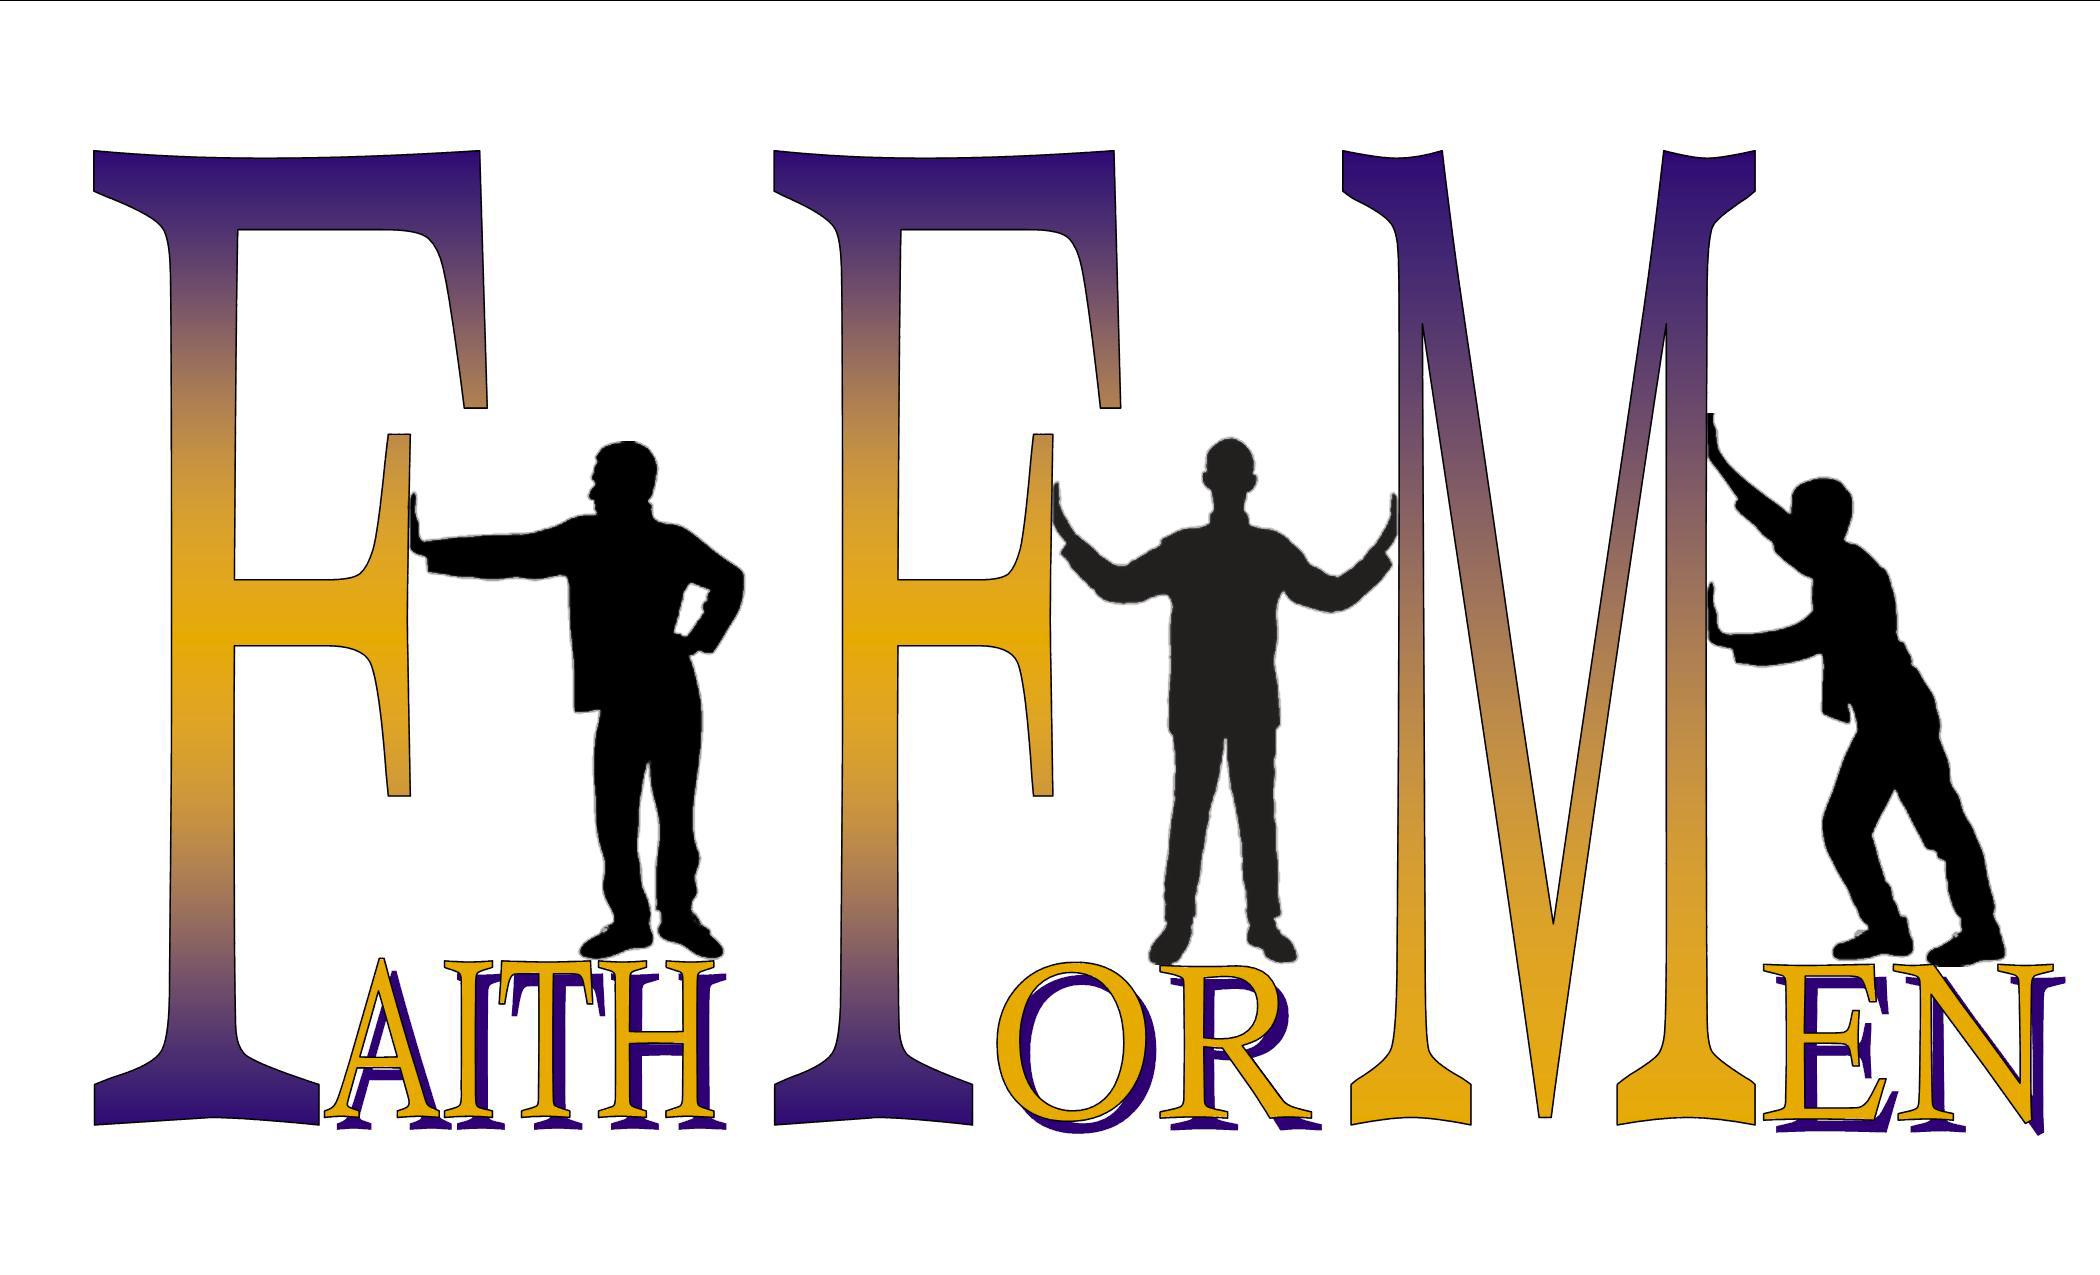 Faith clipart action clipart. For men confession